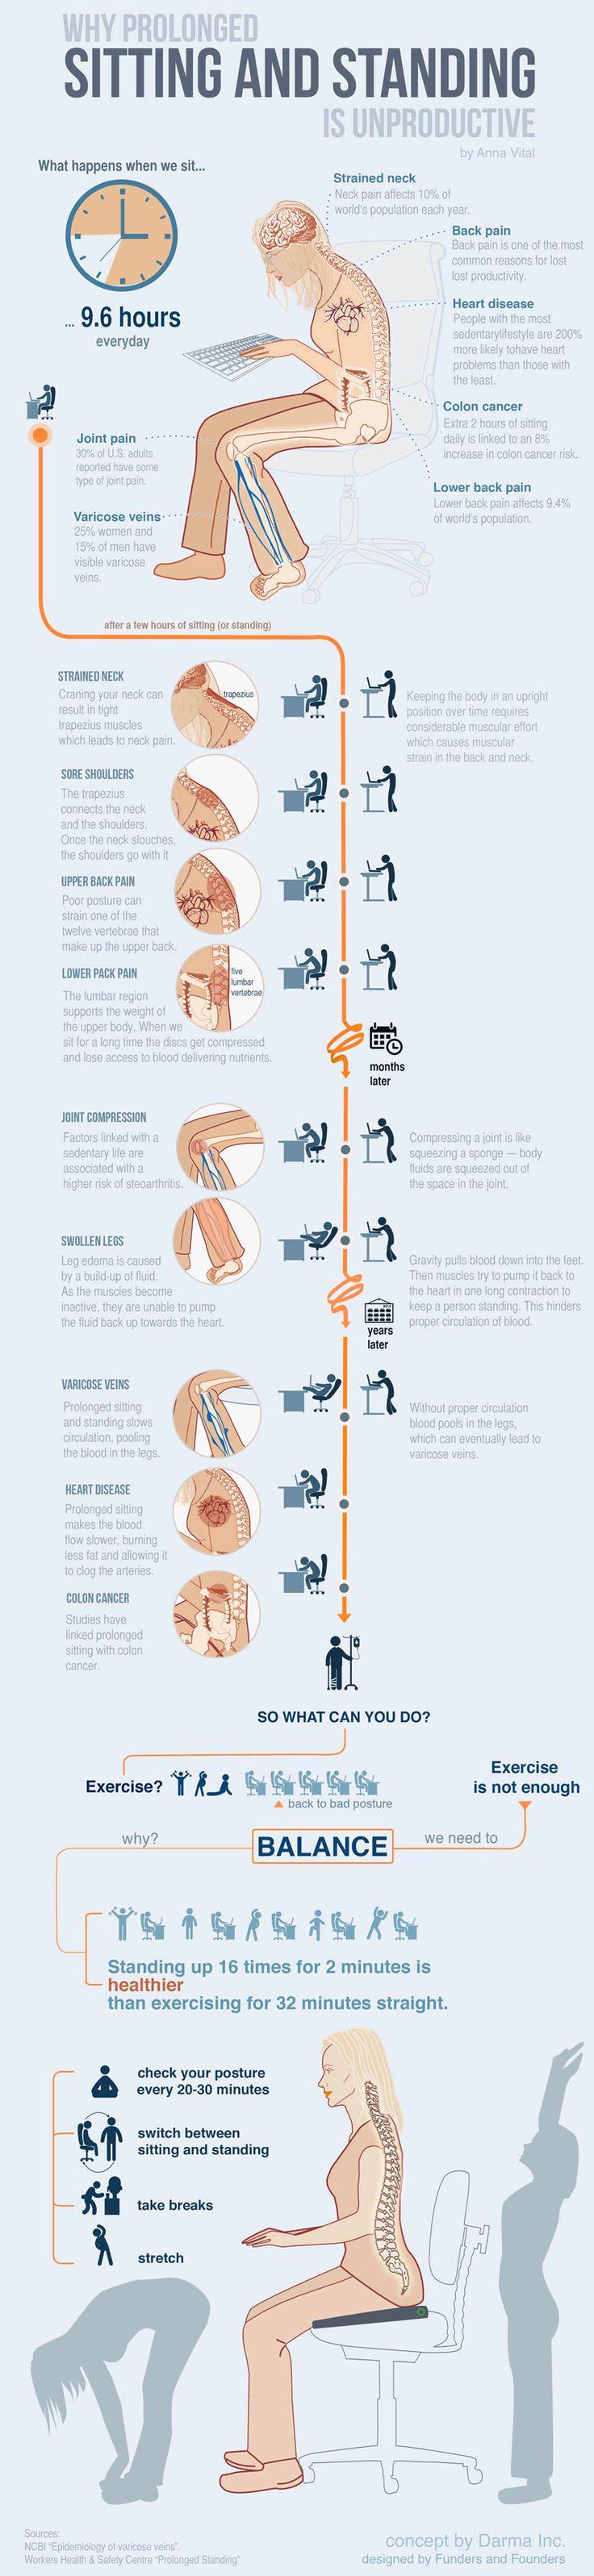 Nosotros que estamos sentados la mayoría del tiempo sufrimos de problemas de salud. Sobre todo por la posición y que no hacemos ejercicio. En esta infografía se muestran los problemas que pueden ac...